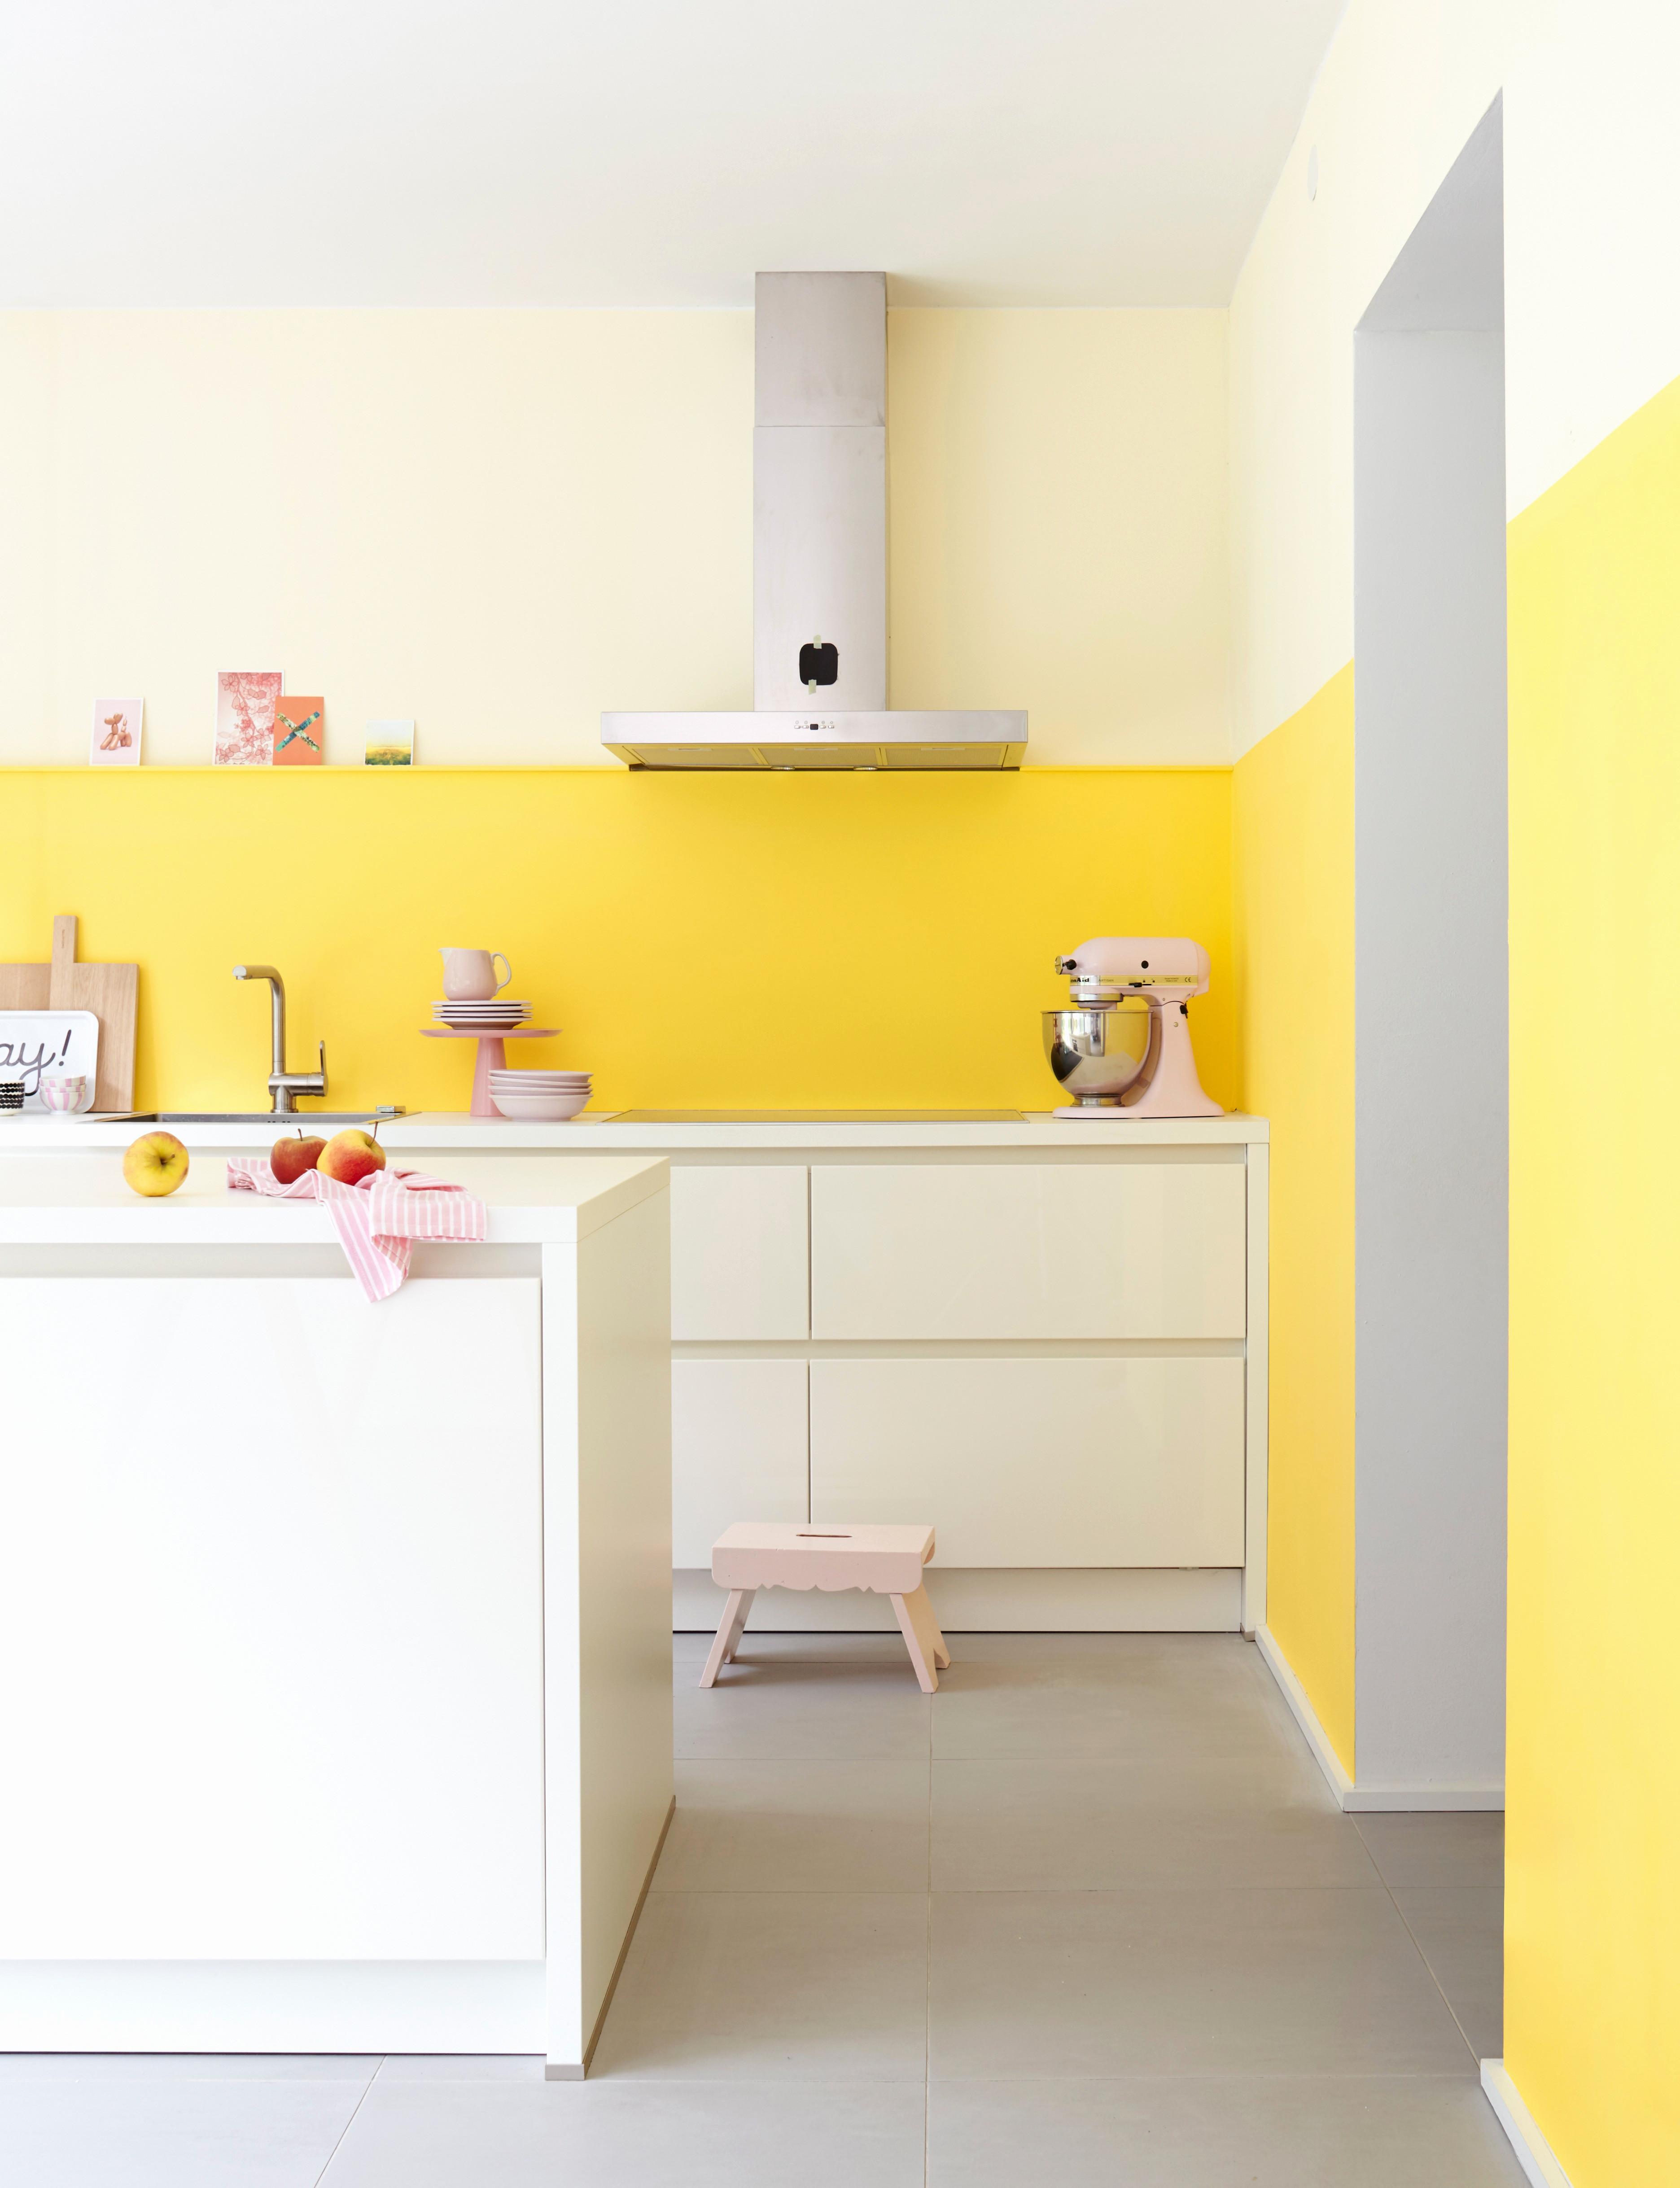 Wohnung Streichen  Wohnung Streichen Tipps Typen 243 Besten â ¤ Renovieren